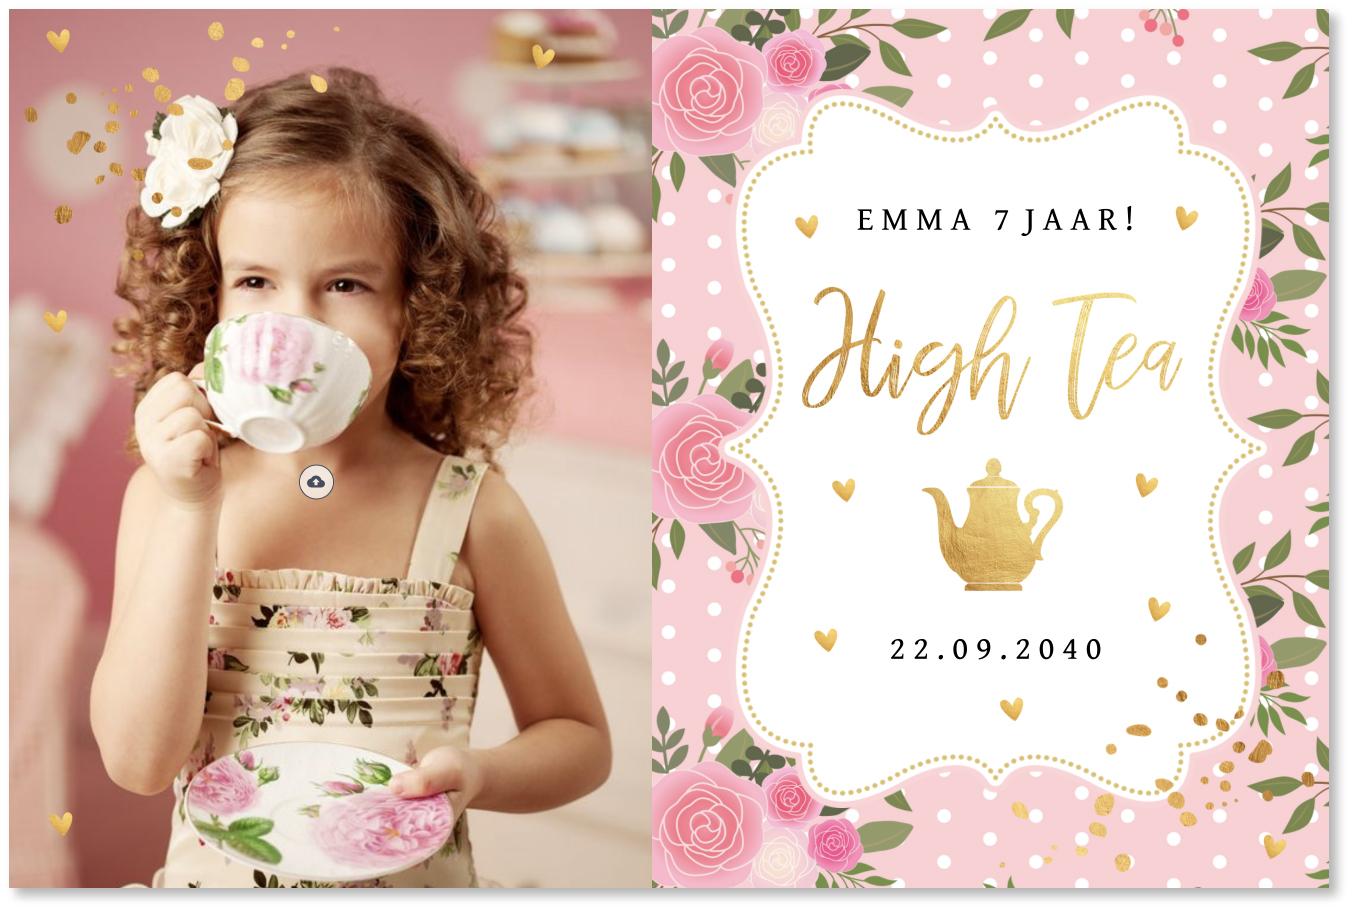 High Tea uitnodiging foto